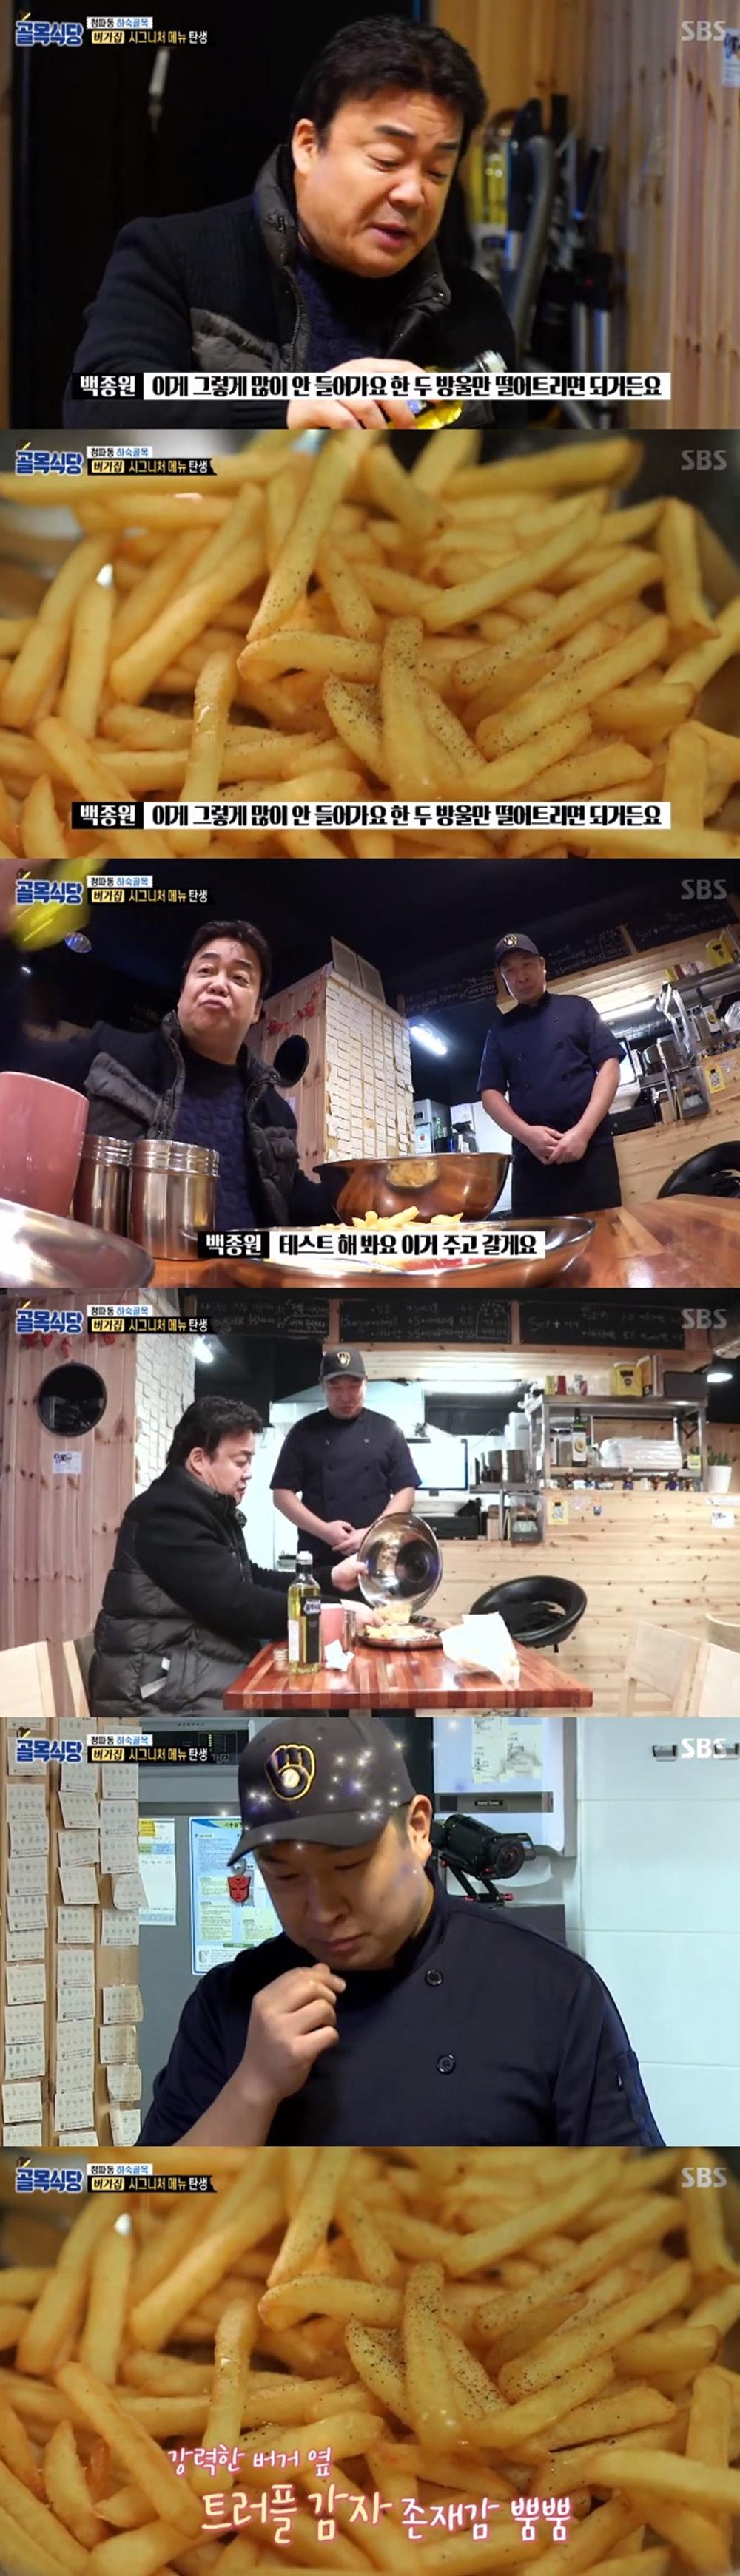 """'골목식당' 백종원, 청파동 버거집 """"감자튀김에 트러플오일 추천"""" 그 맛은?"""